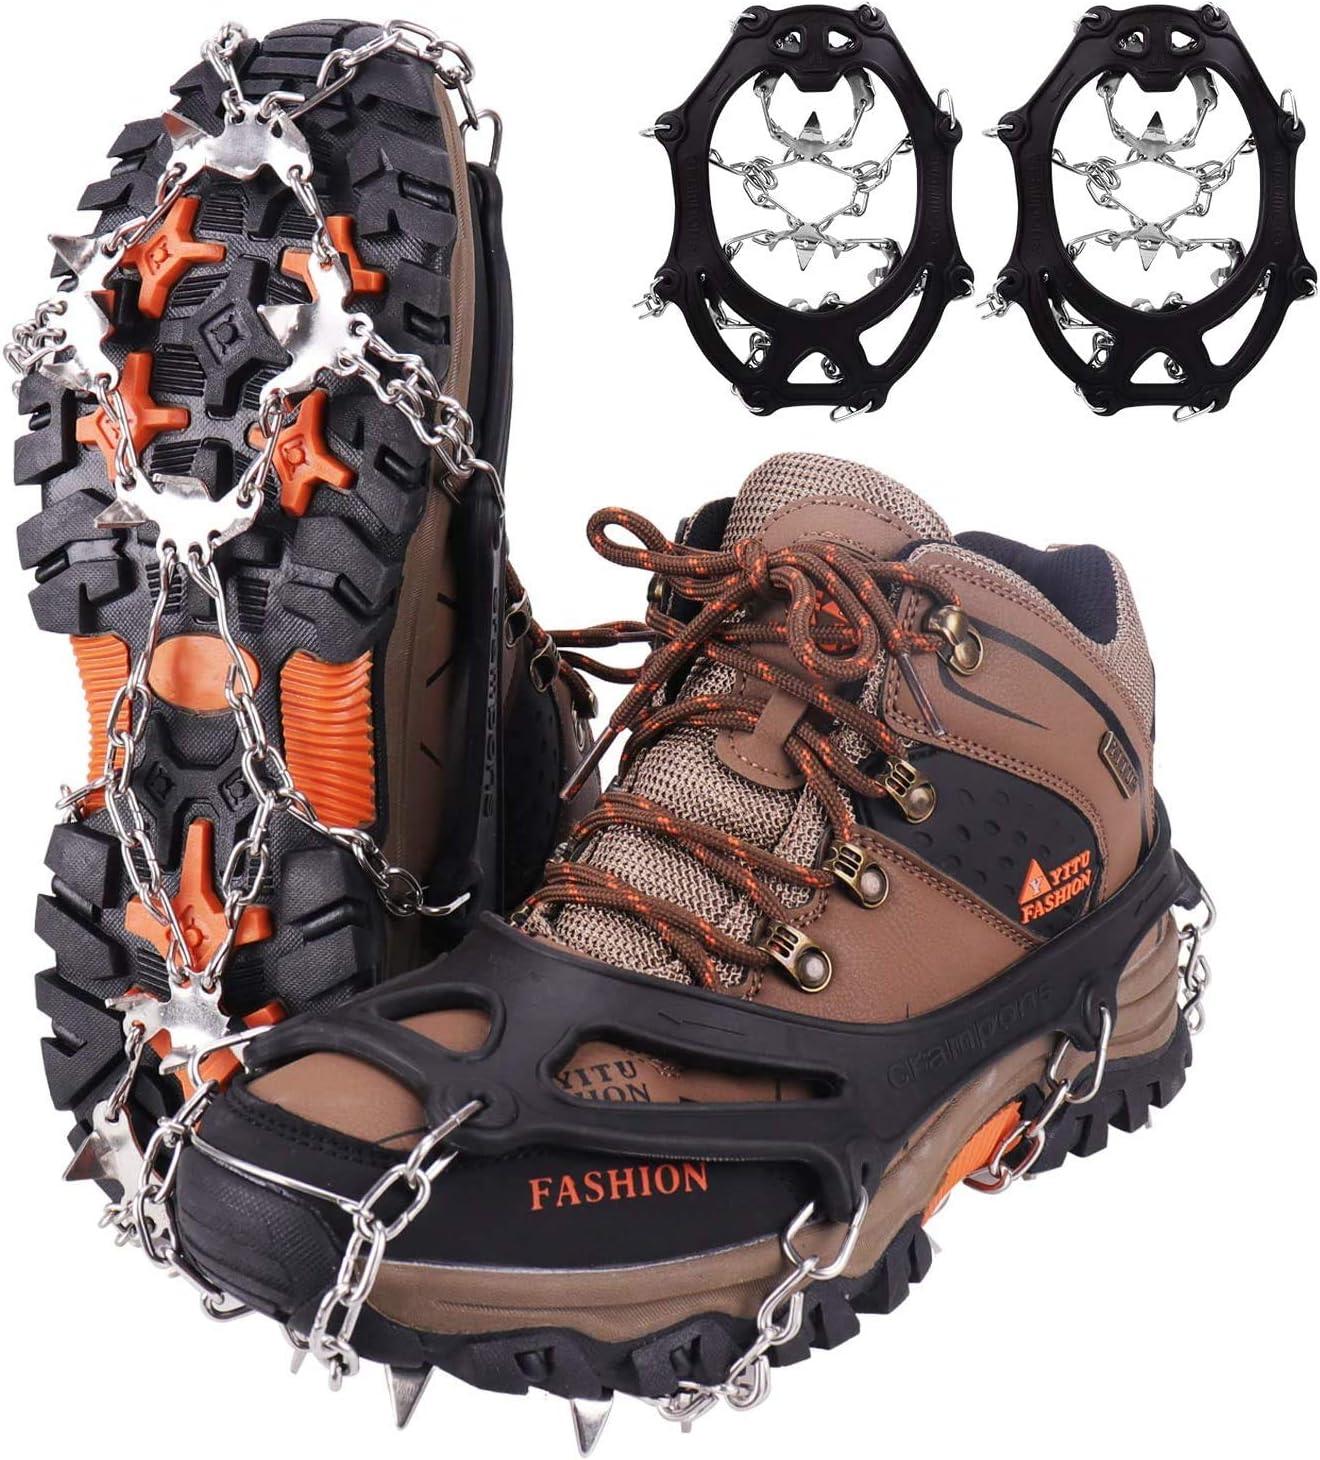 Pinchos para zapatos, crampones de hielo, crampones de hielo, crampones de 19 dientes para escalada, montañismo, trekking, alta altitud, invierno y ...